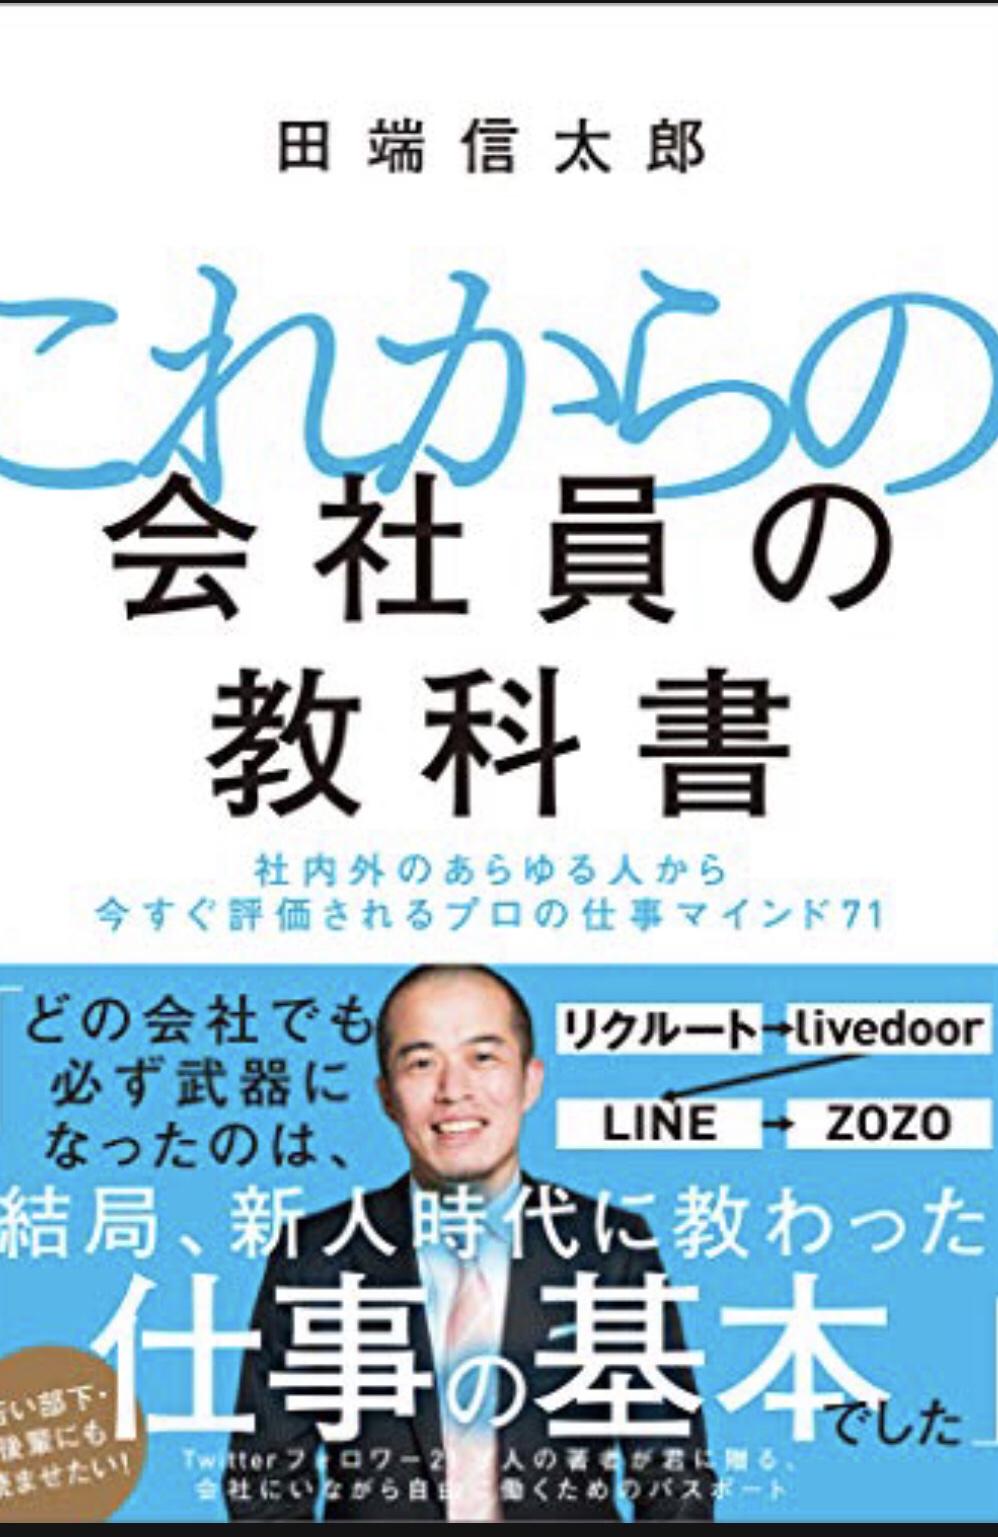 <書籍を知る>『これからの会社員の教科書 』田端信太郎